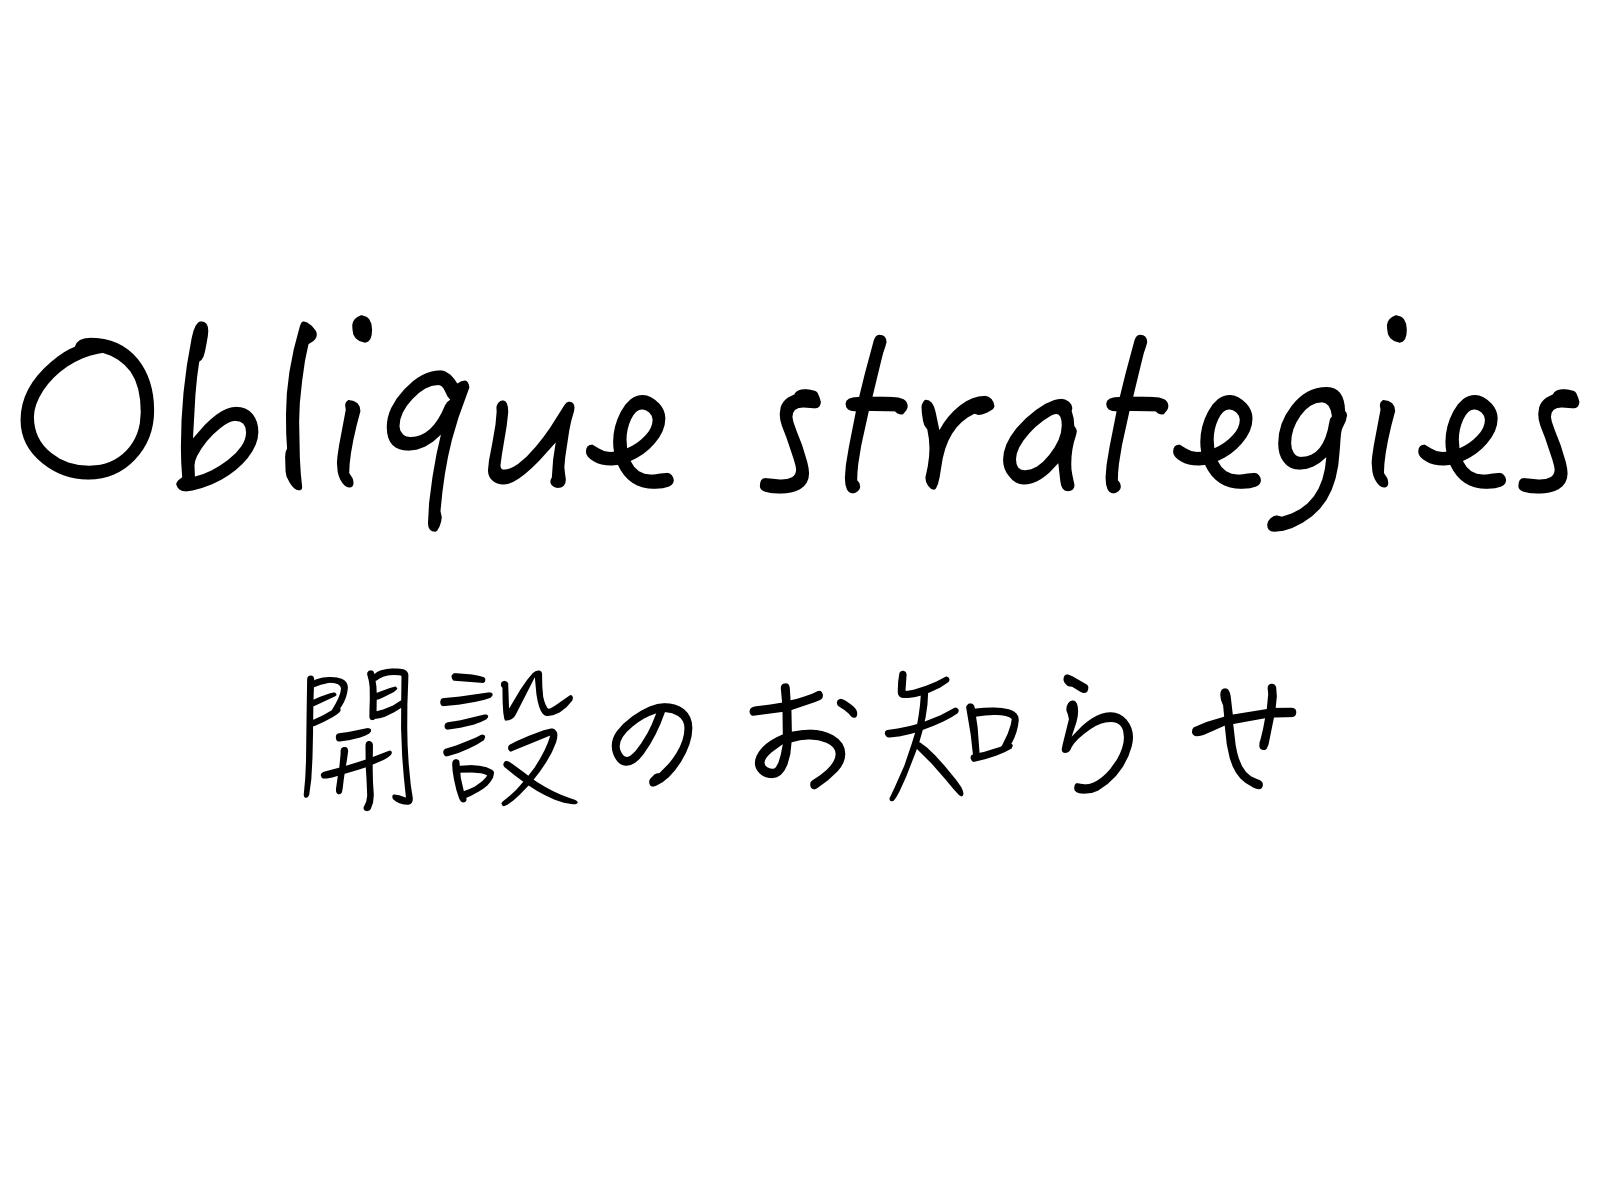 クリエイターのためのOblique strategiesを公開しました